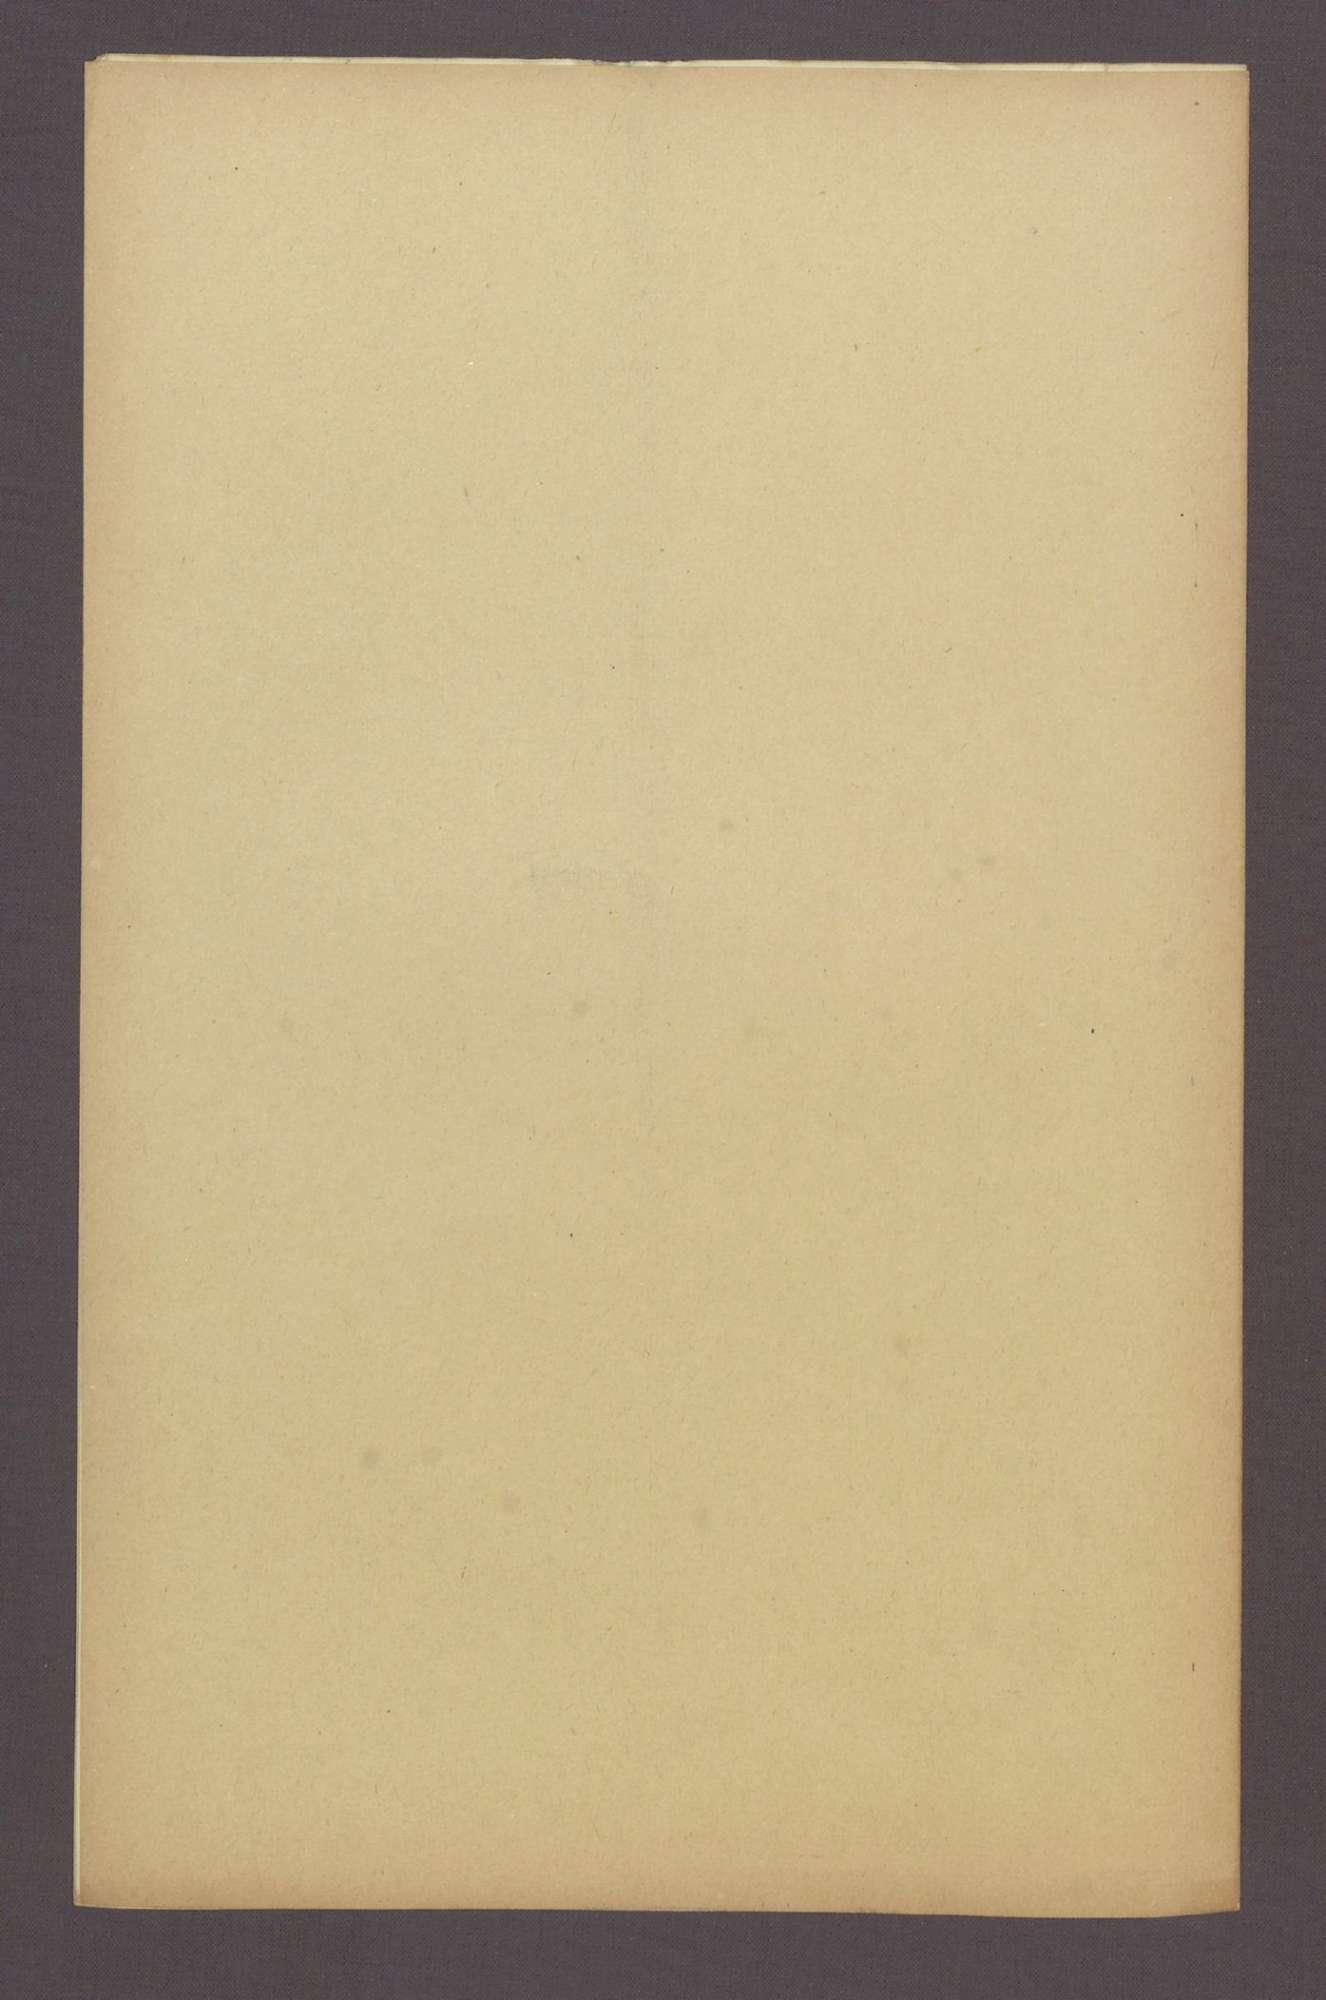 Gesetz über die Umwandlung der Staatsbrauerei Rothaus in eine Aktiengesellschaft (24. Juli 1922), Bild 3